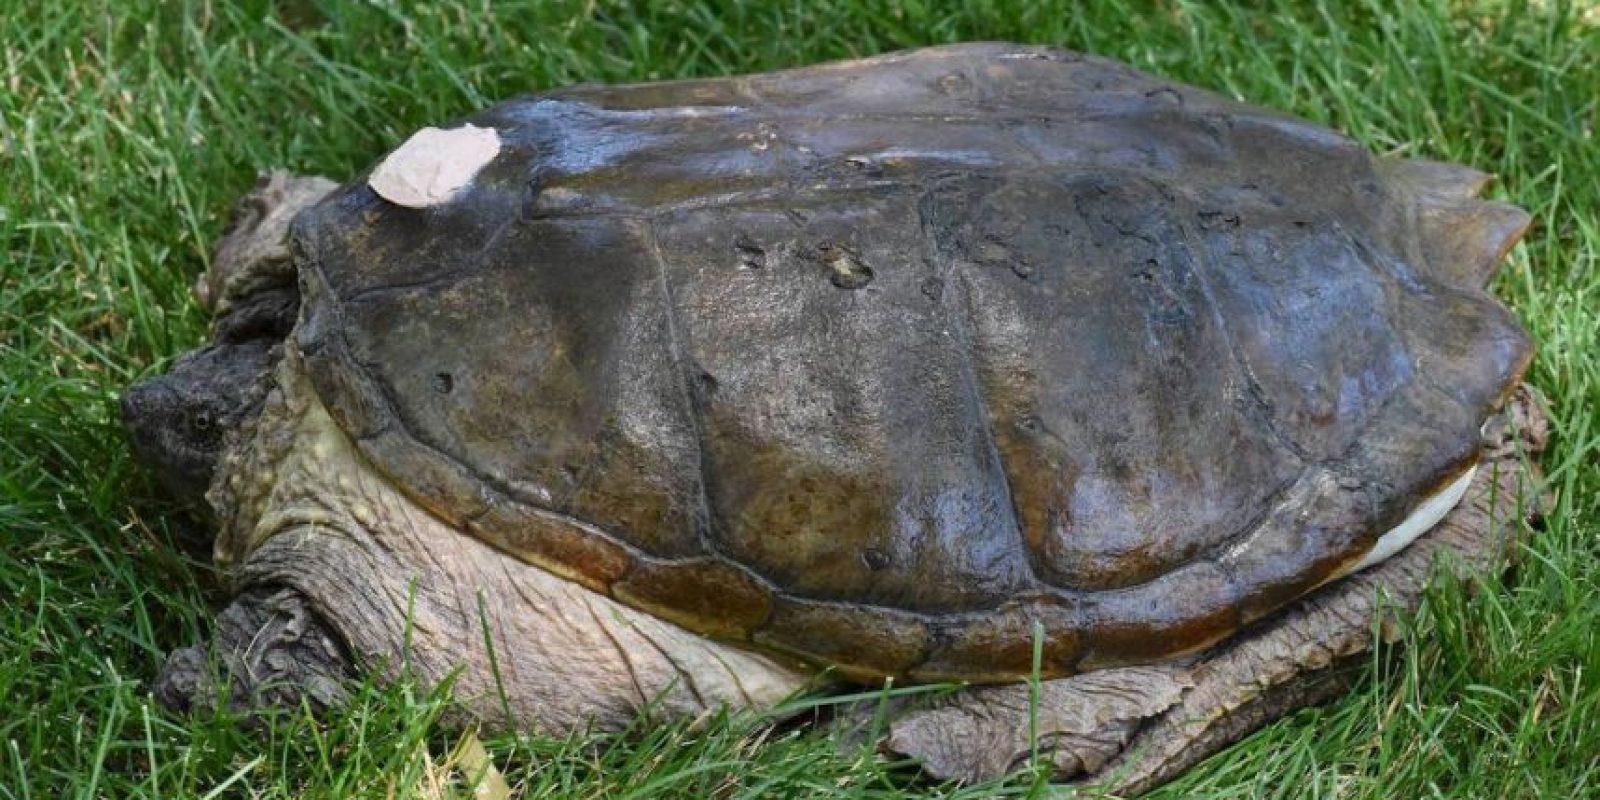 Nueve meses después, regresó a su hábitat natural Foto:Vía Facebook.com/The-Tuttle-Turtle